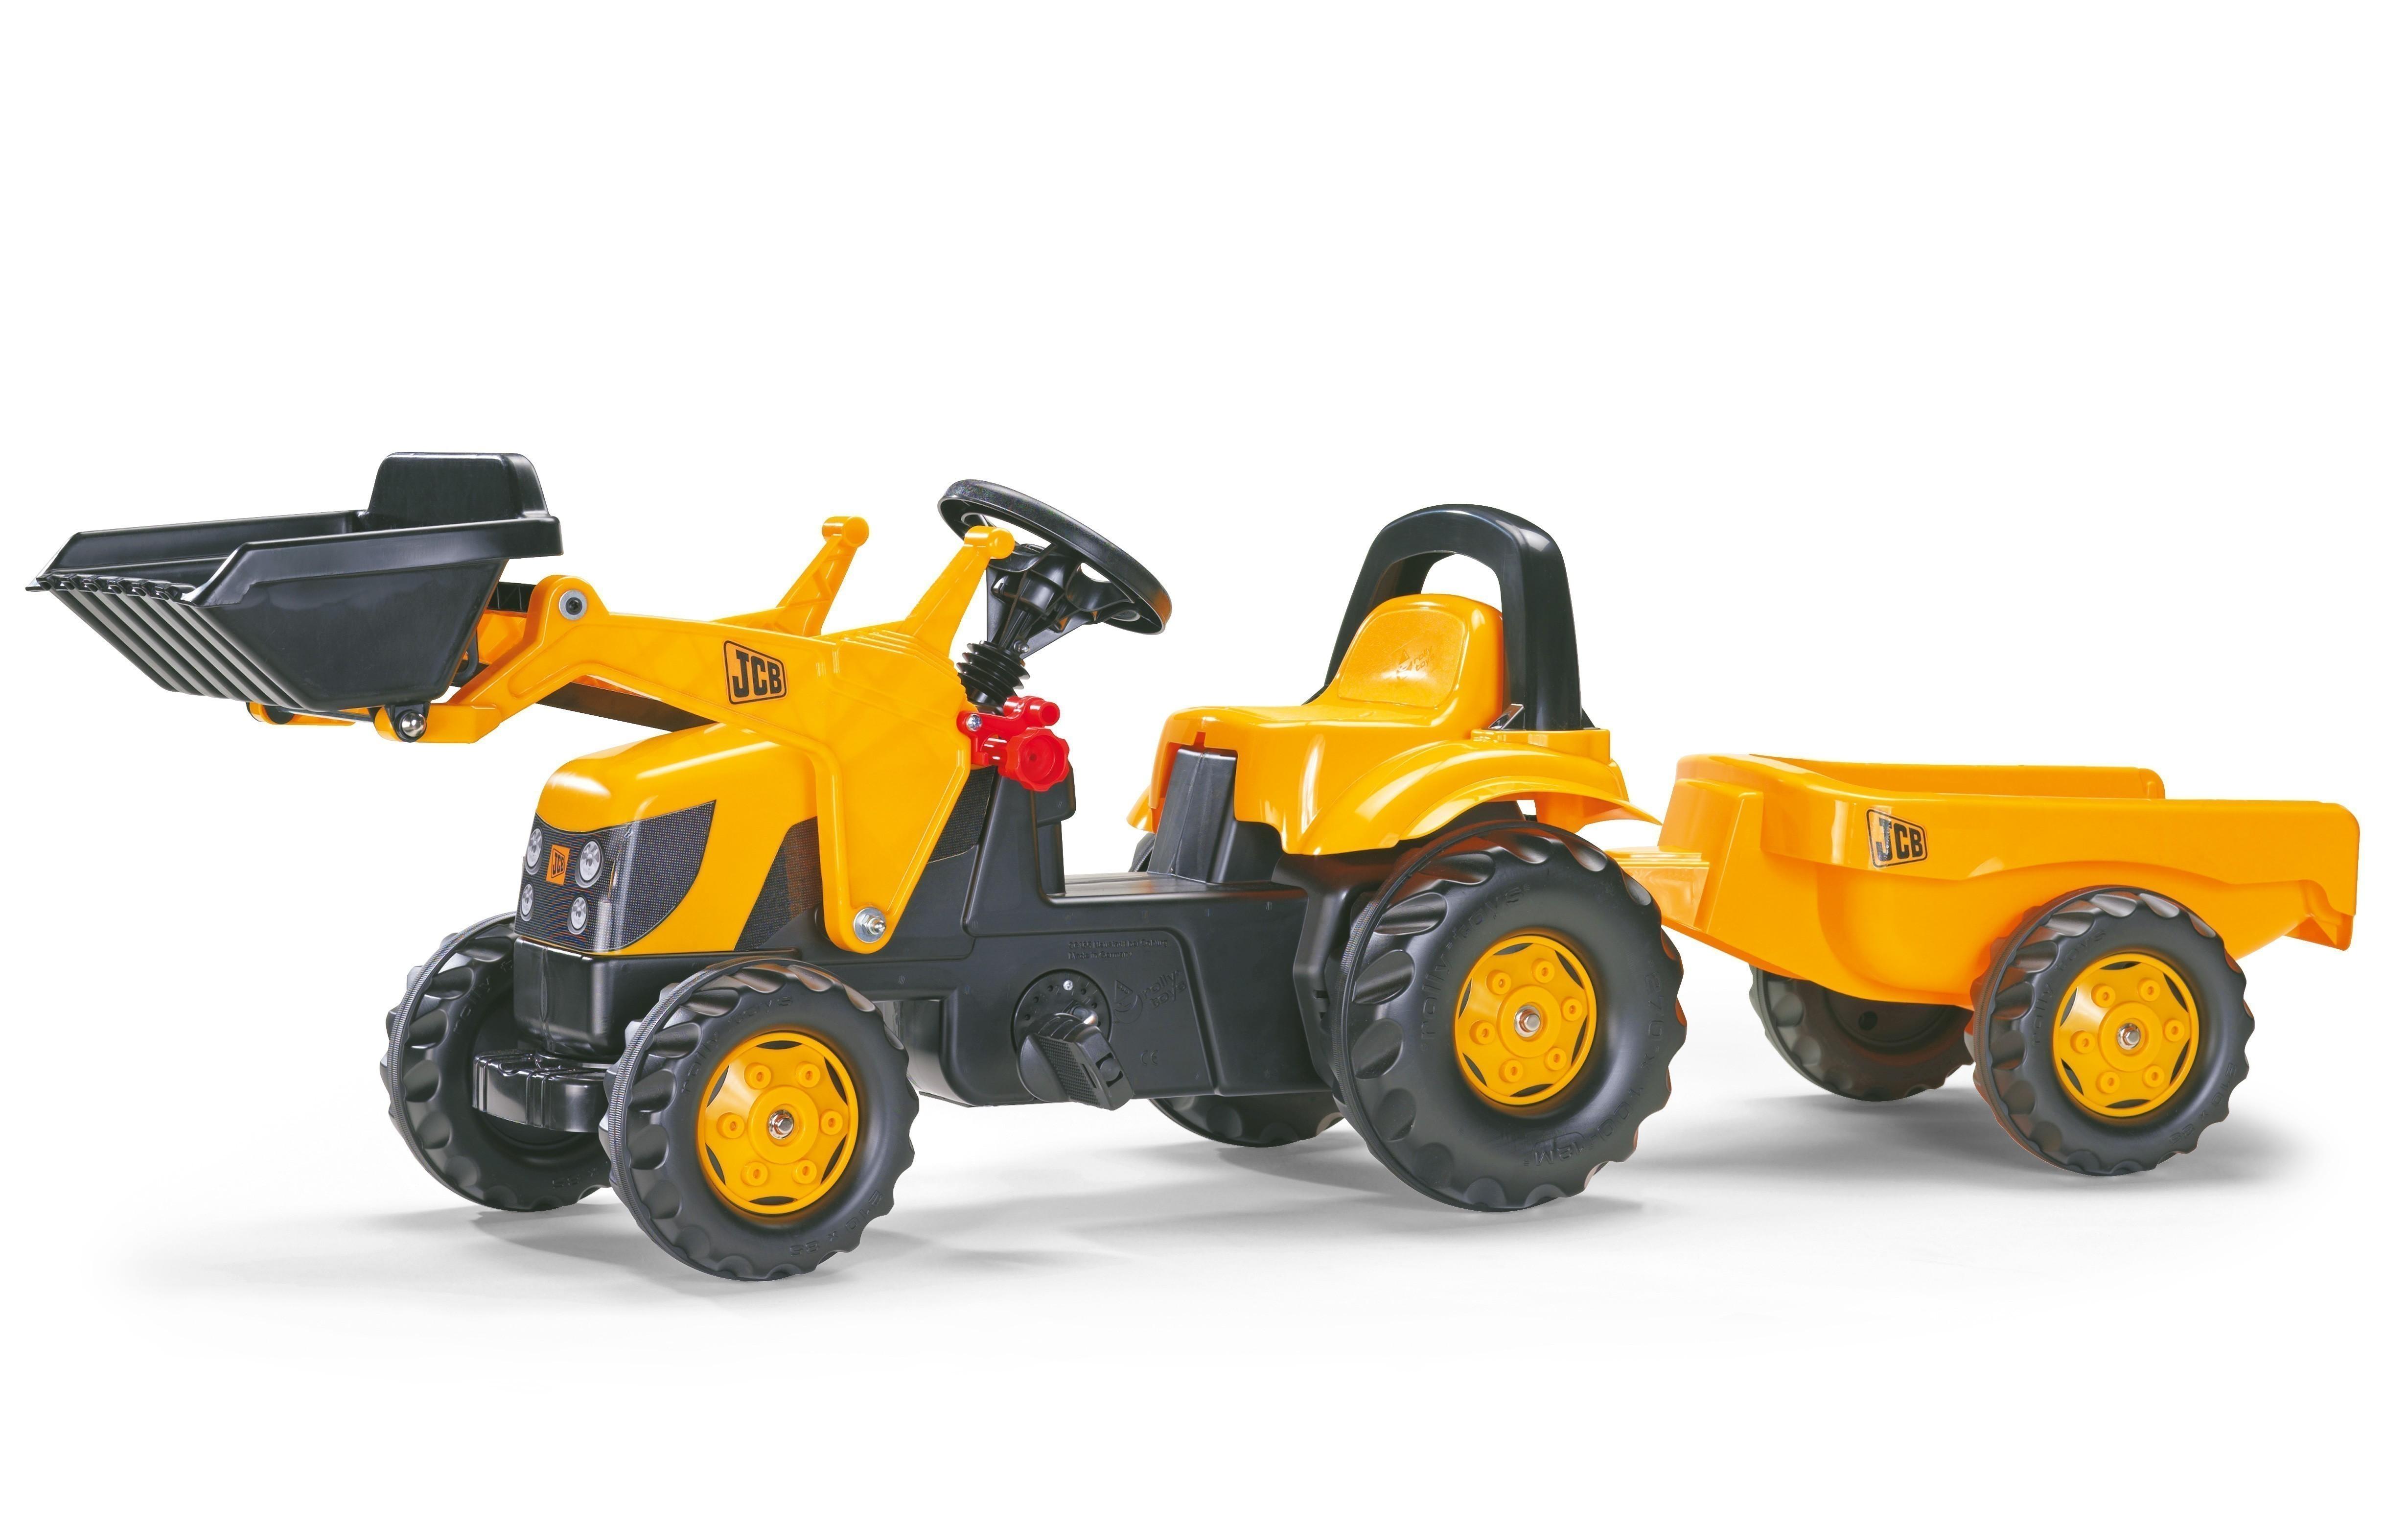 Trettraktor rolly Kid JCB mit Frontlader + Anhänger - Rolly Toys Bild 1